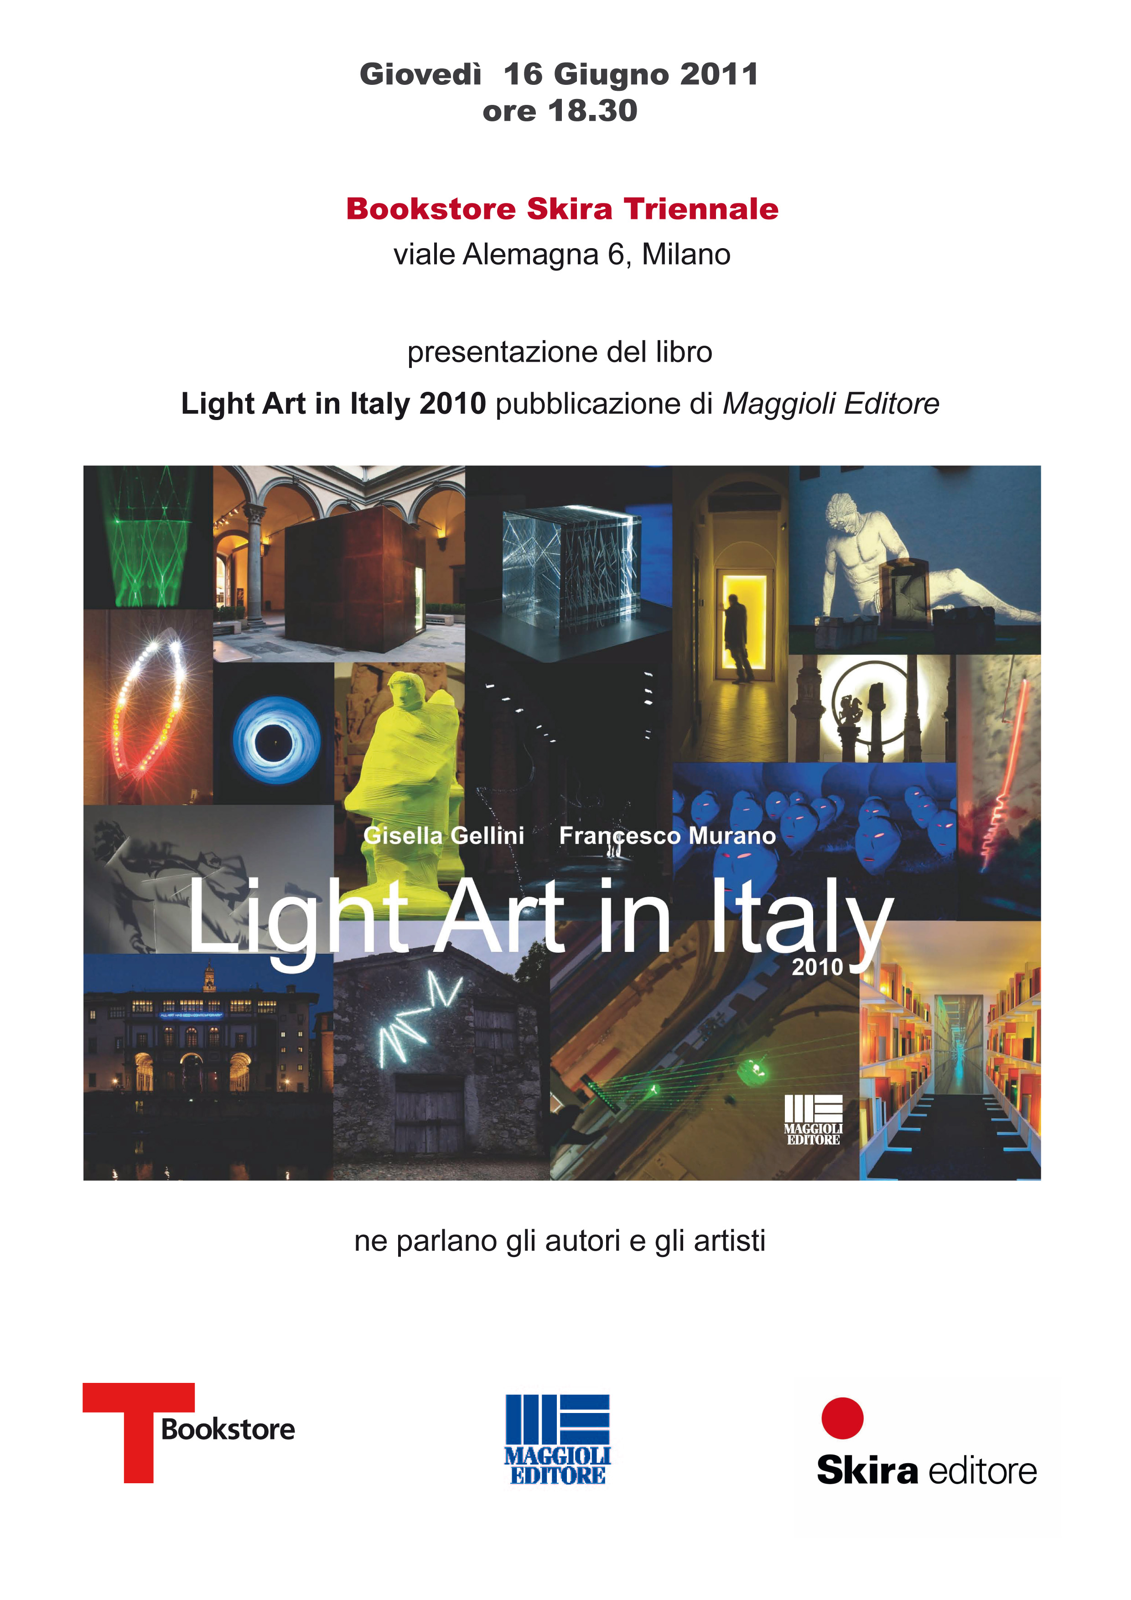 Presentazione 'Light Art in Italy 2010